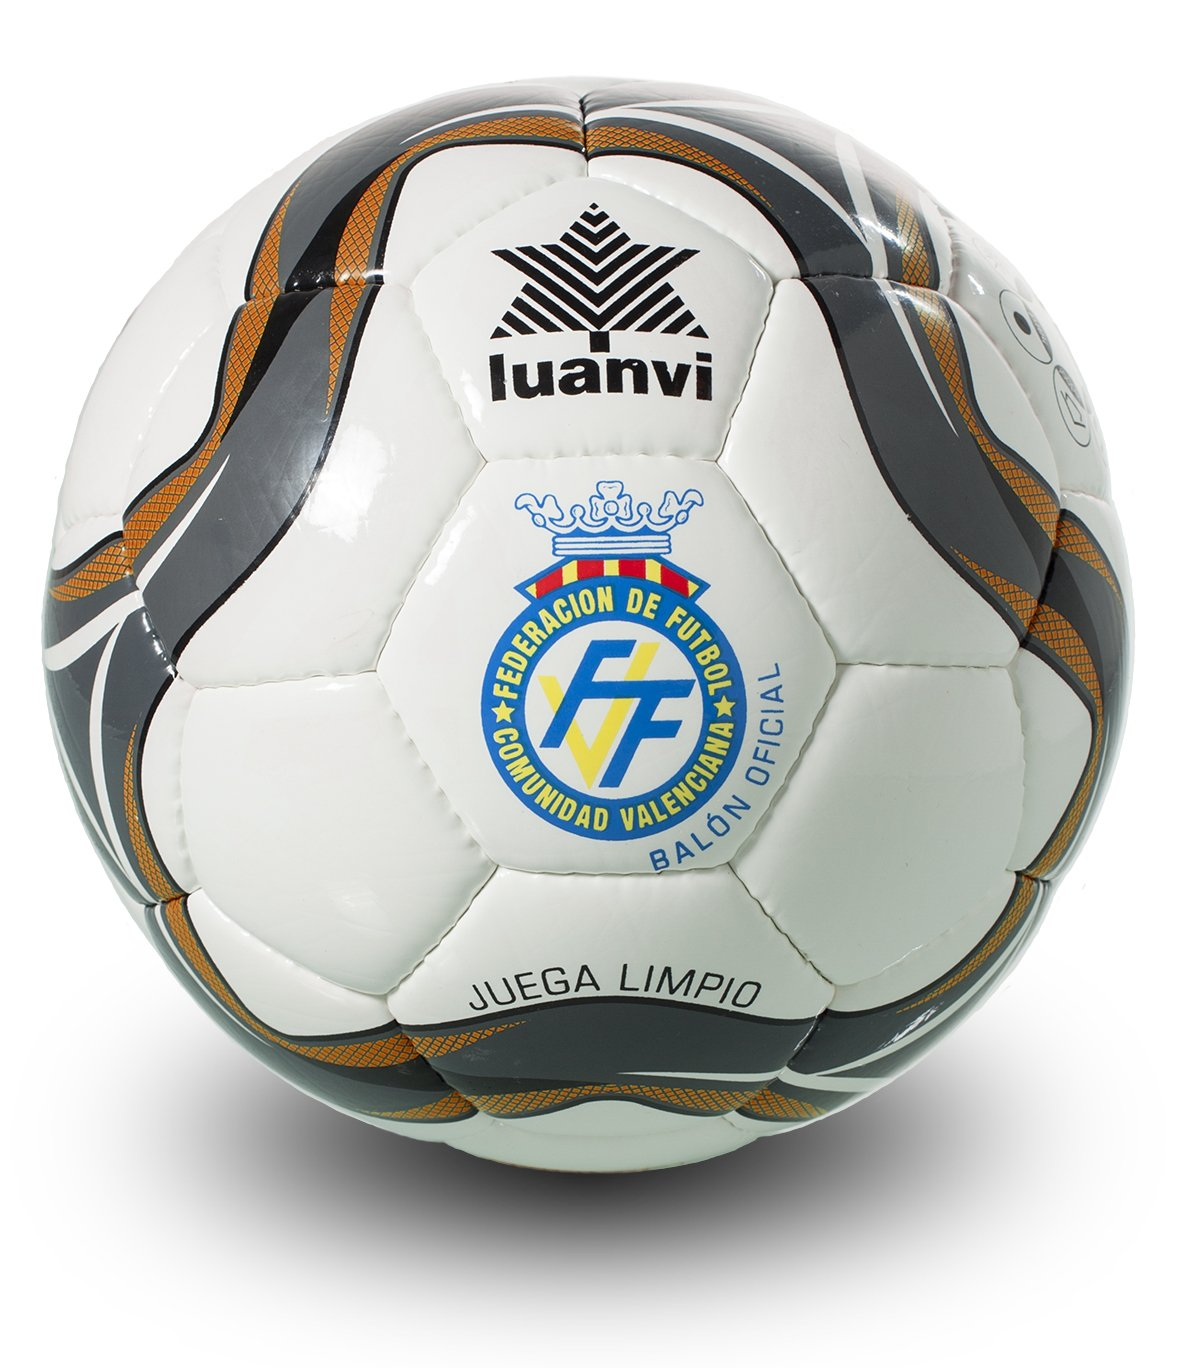 Luanvi - Balón oficial de la federación valenciana de fútbol ...